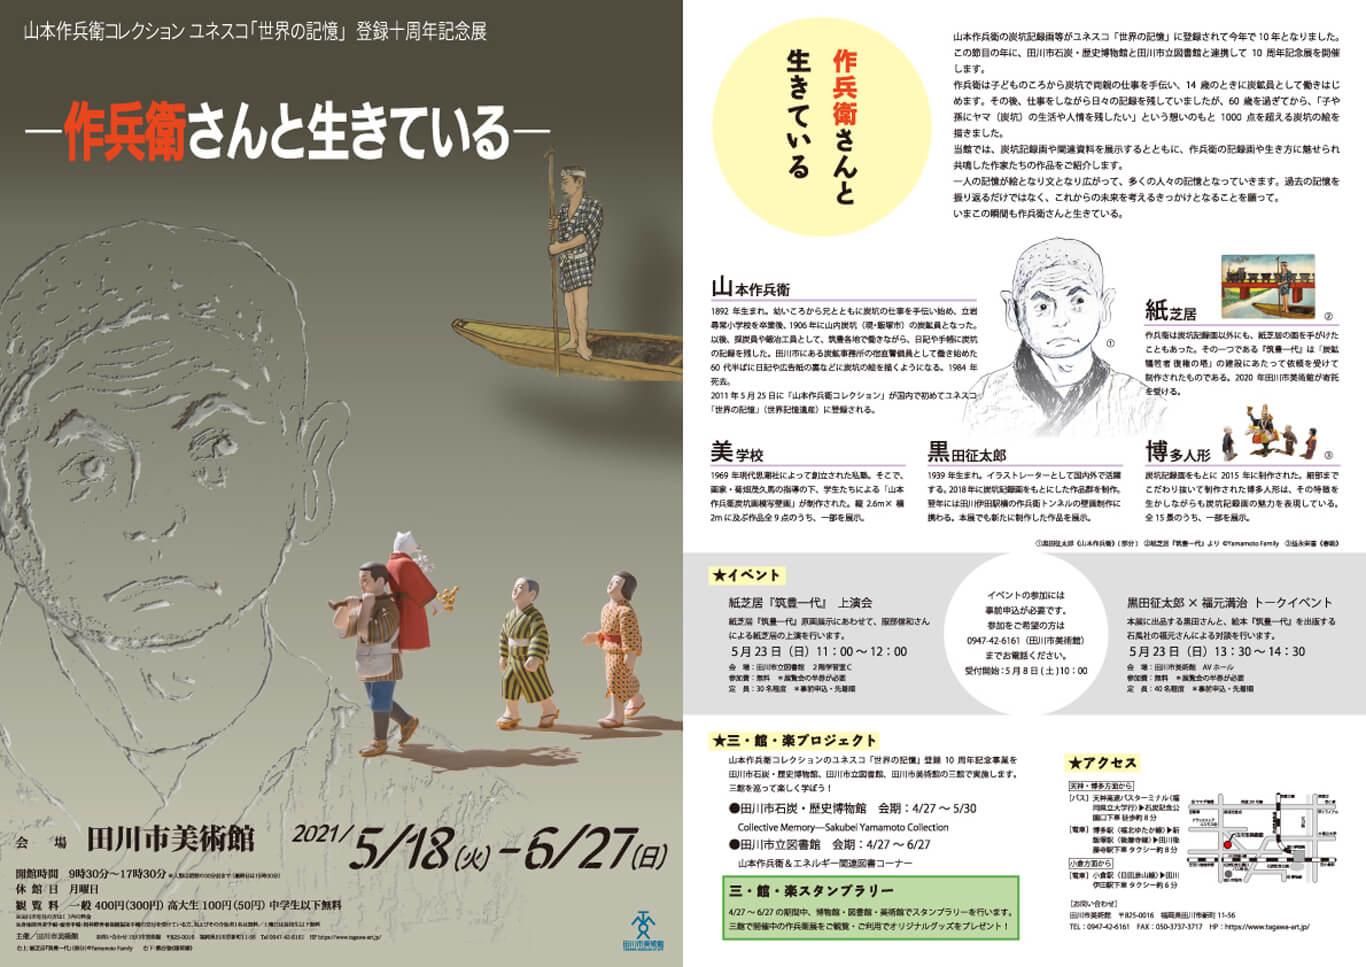 tam-202105-山本作兵衛コレクション